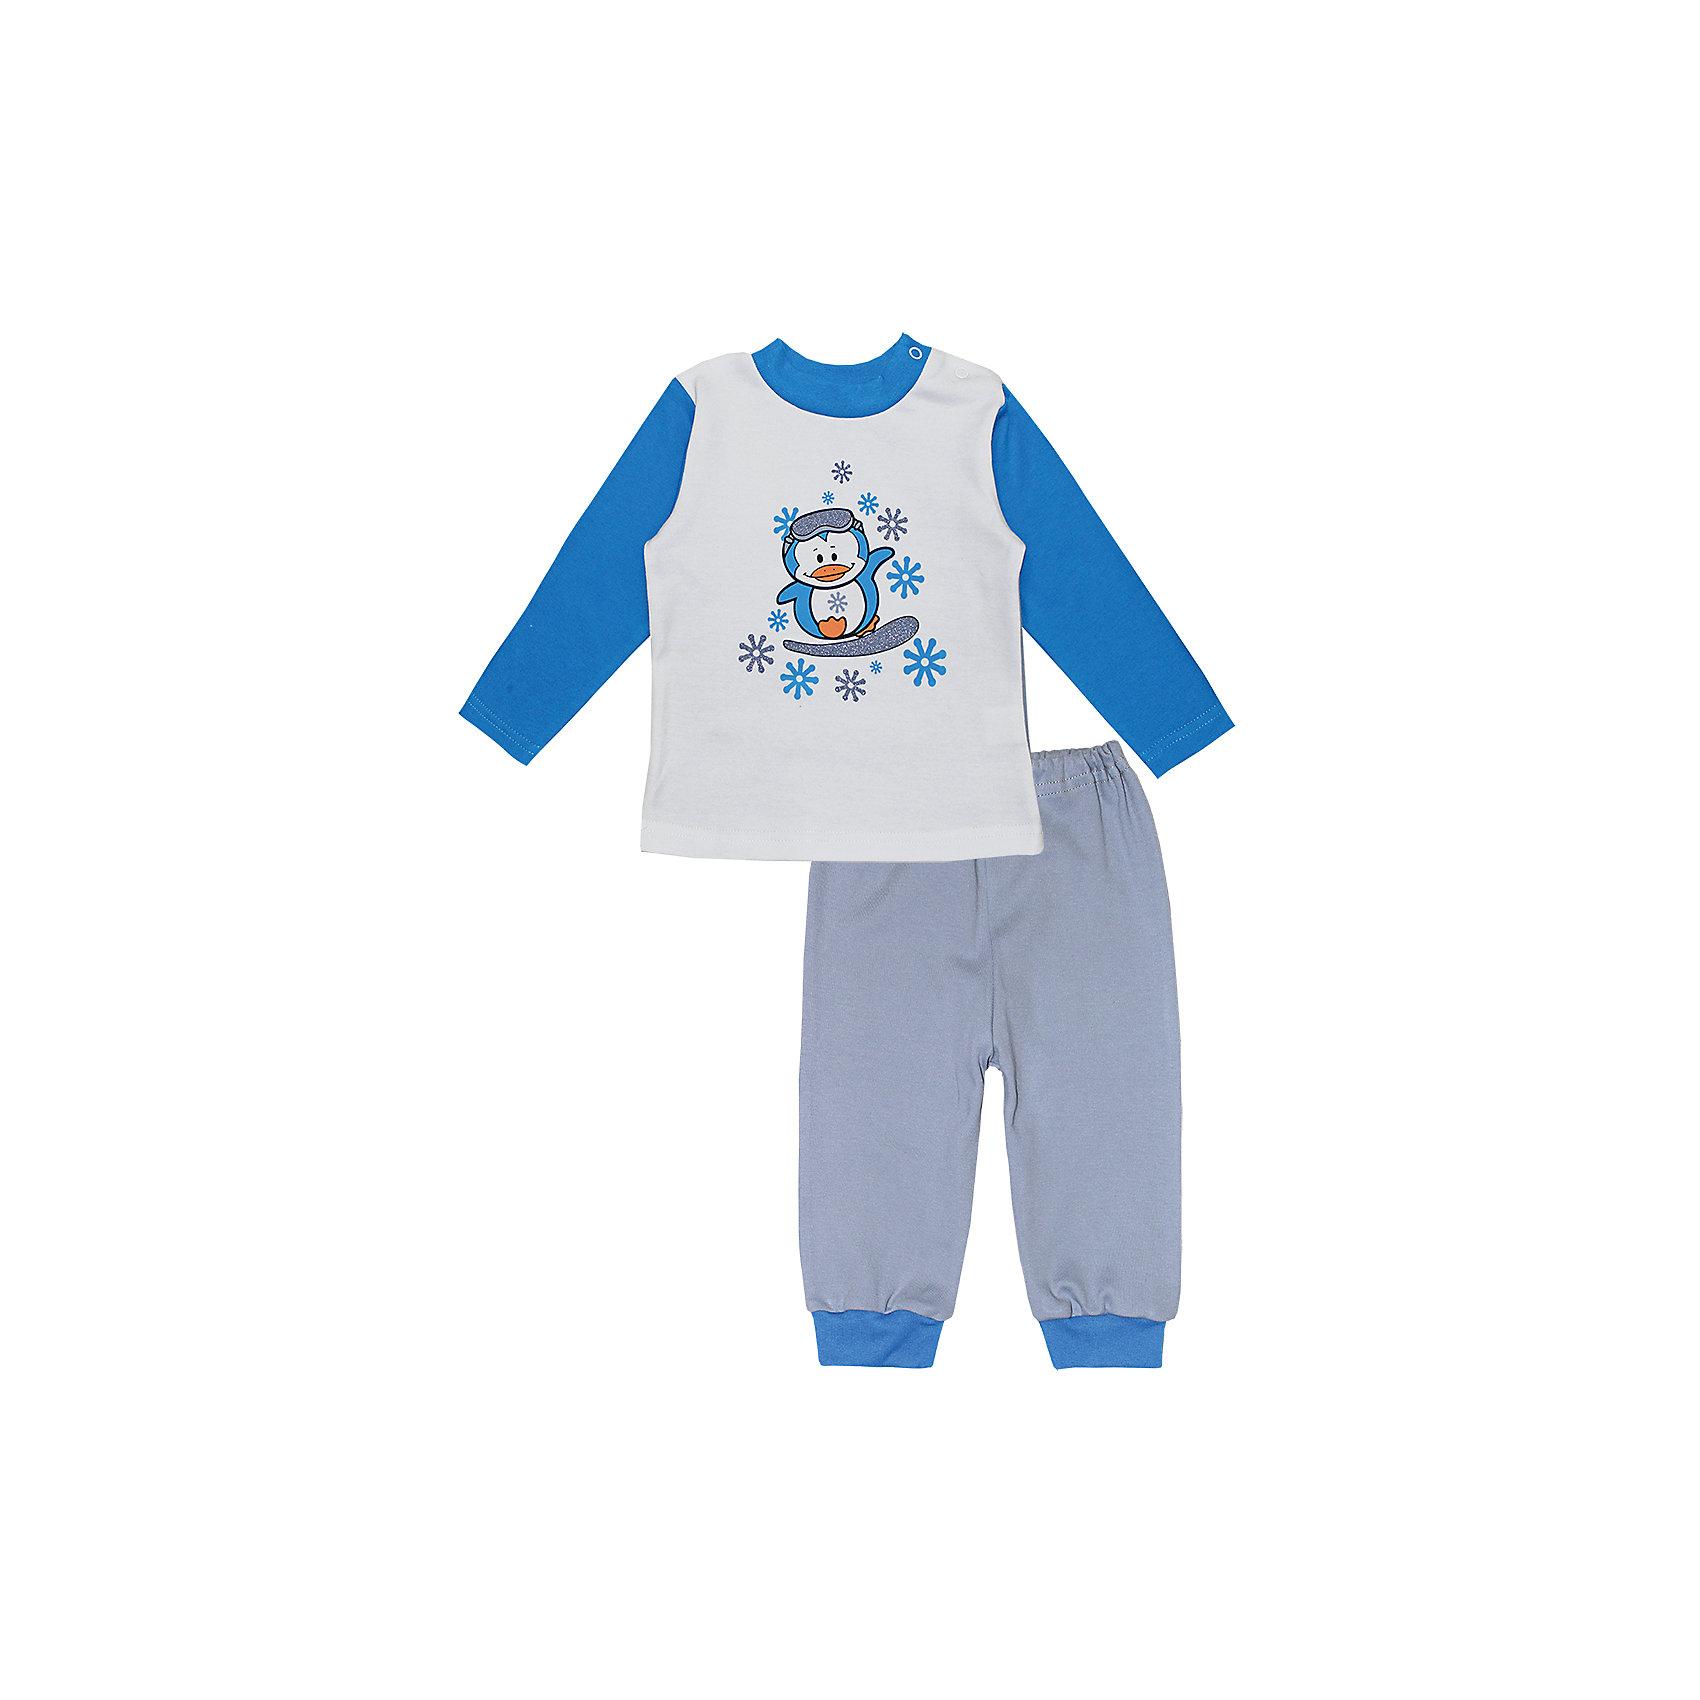 Пижама для мальчика КотМарКотПижама для мальчика от российской марки КотМарКот.<br>Пижама для вашего малыша, декорирована веселым принтом. Состоит из лонгслива и брюк. Дарит праздничное, зимнее настроение. Прекрасно дополнит гардероб. Тип ткани: интерлок-пенье.<br>Состав:<br>100% хлопок<br><br>Ширина мм: 281<br>Глубина мм: 70<br>Высота мм: 188<br>Вес г: 295<br>Цвет: синий/белый<br>Возраст от месяцев: 9<br>Возраст до месяцев: 12<br>Пол: Мужской<br>Возраст: Детский<br>Размер: 80,86,92,110,104,98<br>SKU: 4407216